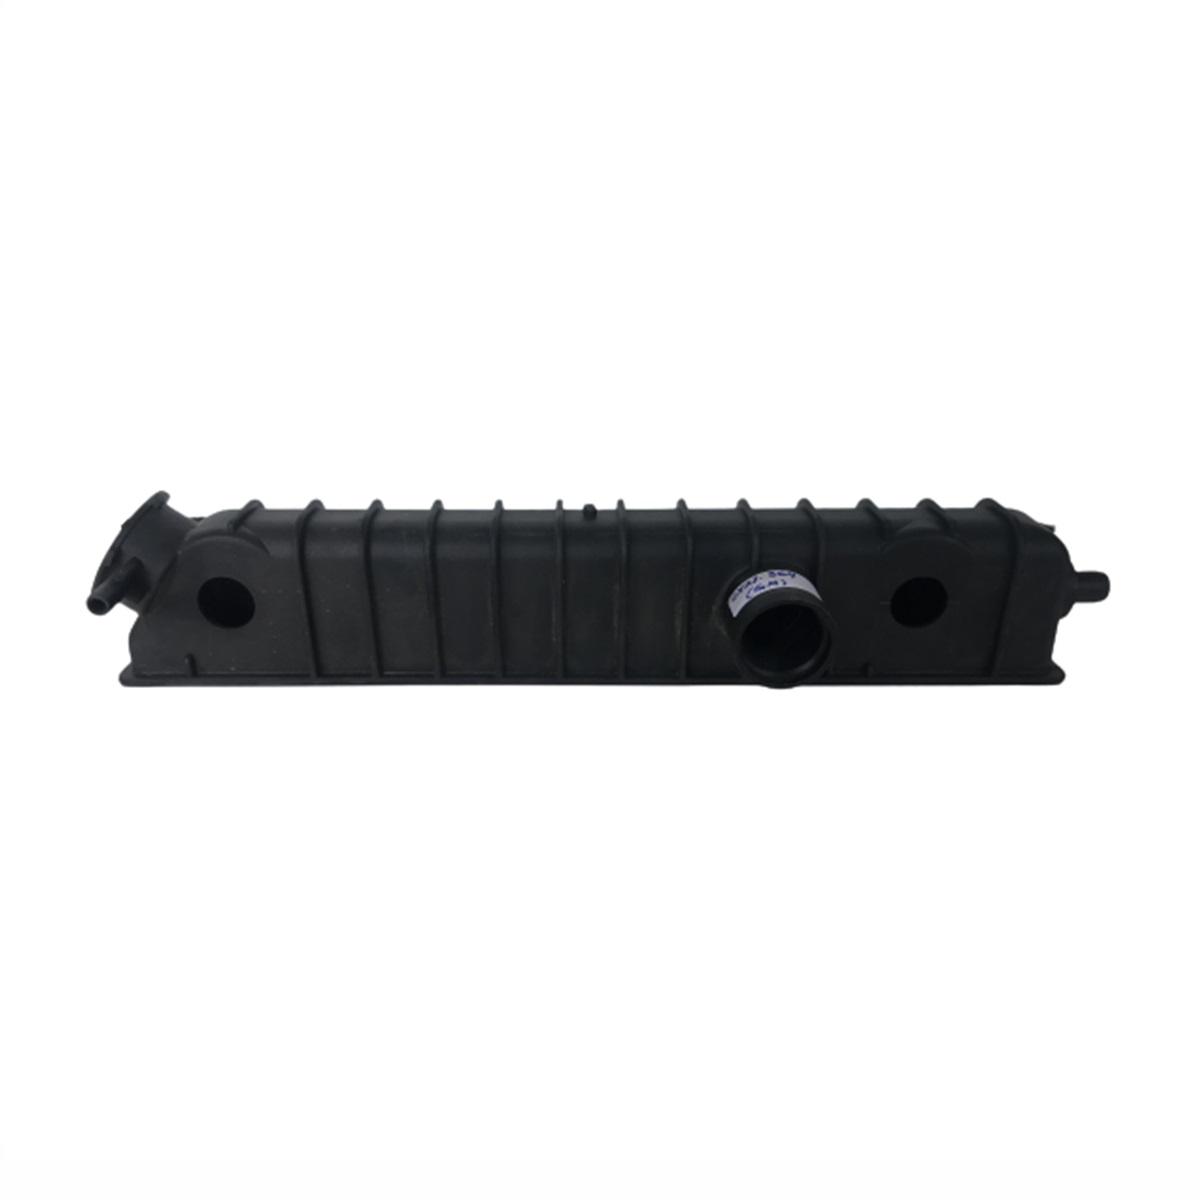 Caixa de Radiador Blazer Lado Tampa Com Elemento Óleo Aberto 57mmx417mm